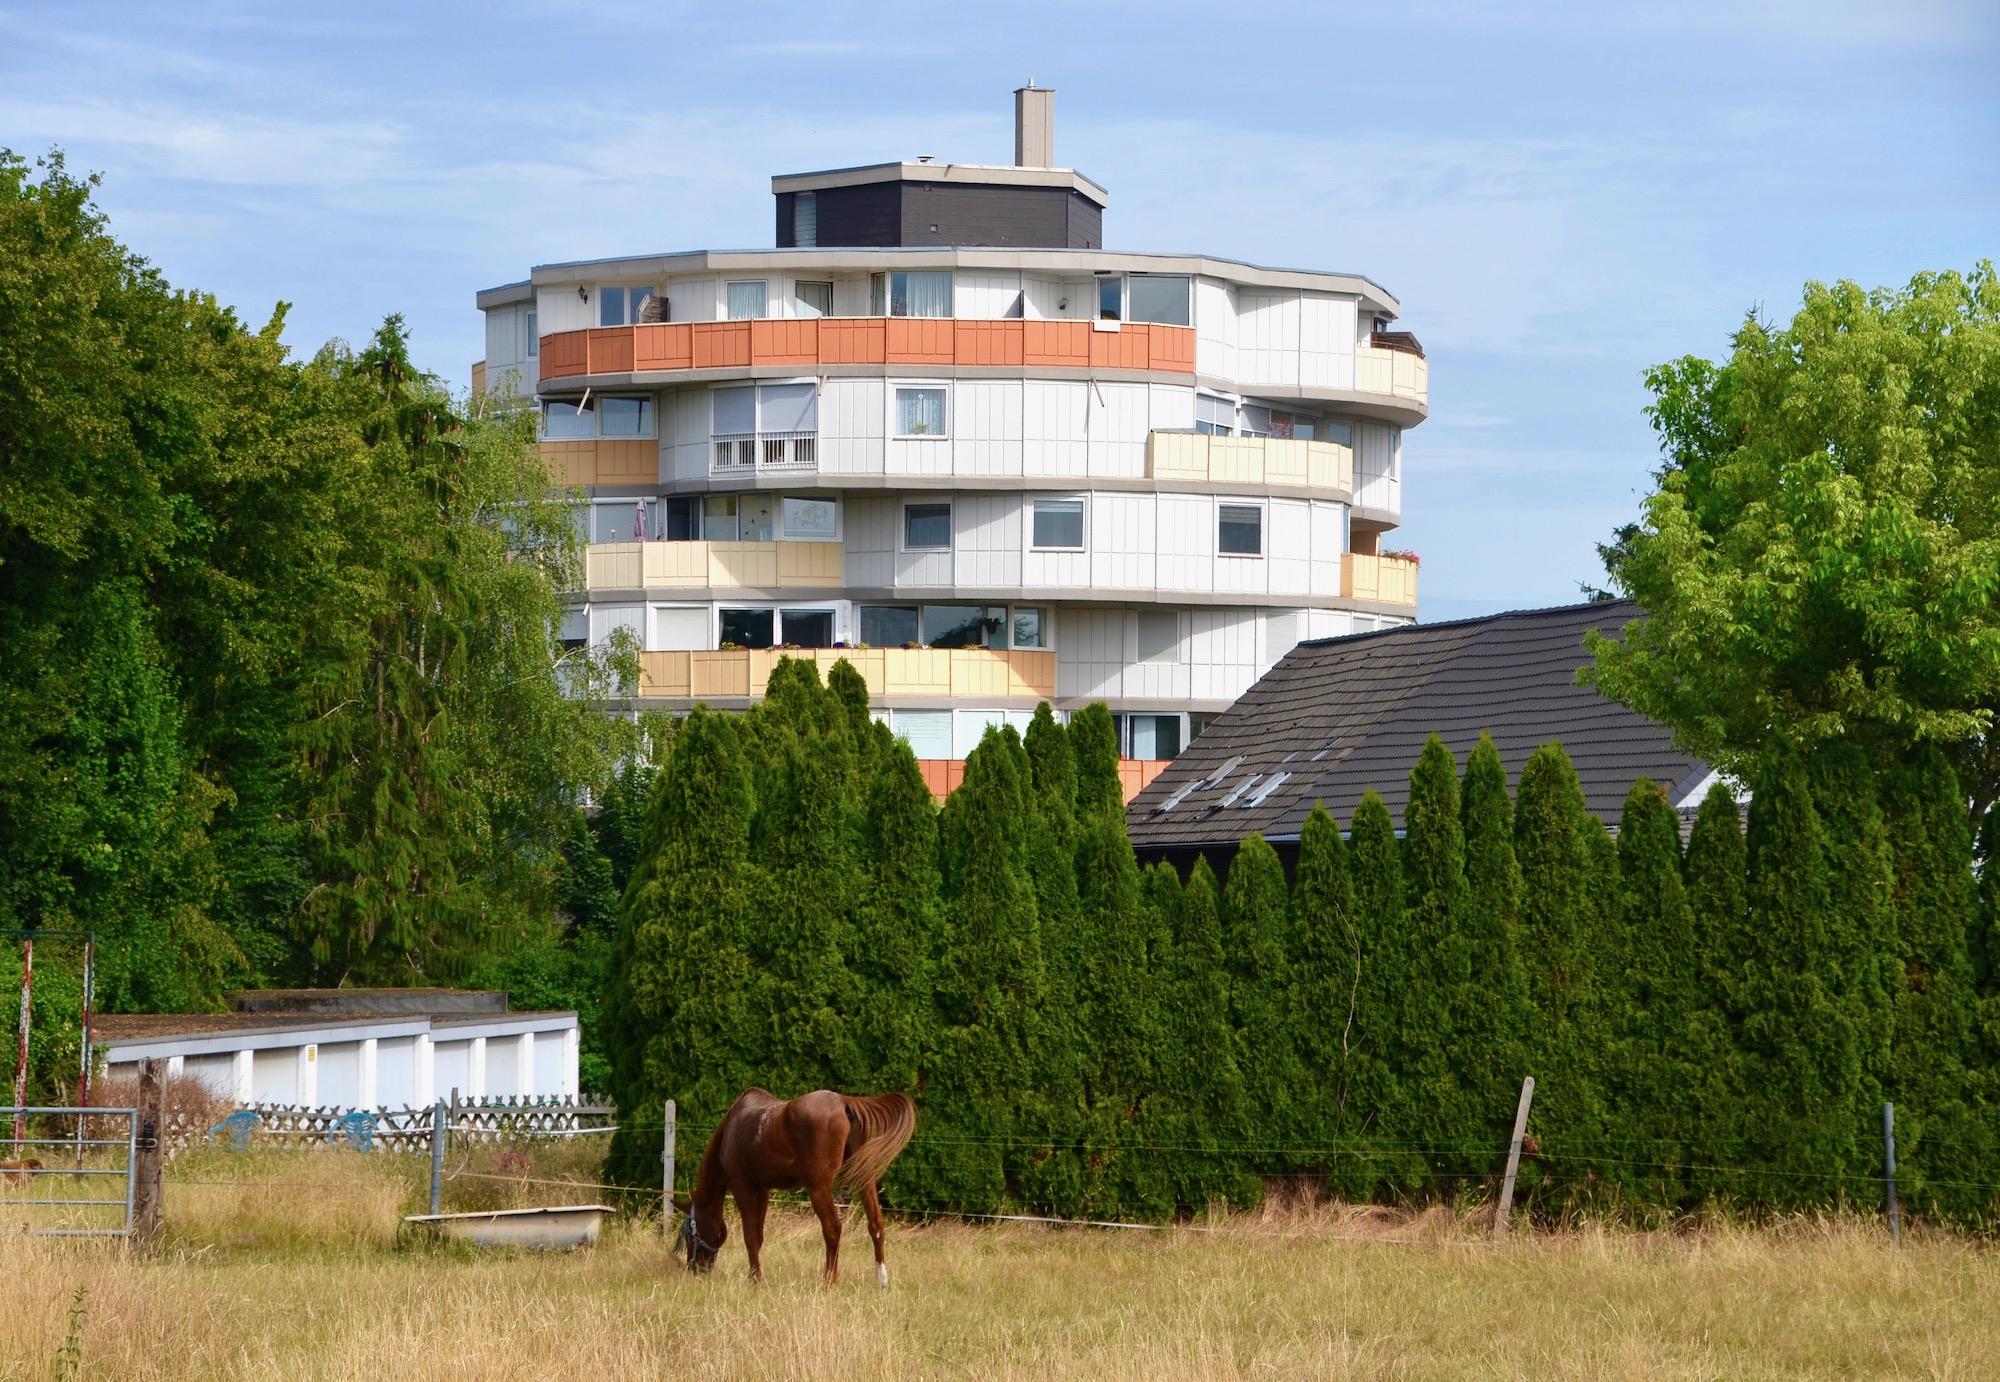 Pferd grast im Vordergrund, ungewöhnlich geformtes Gebäude im Hintergrund